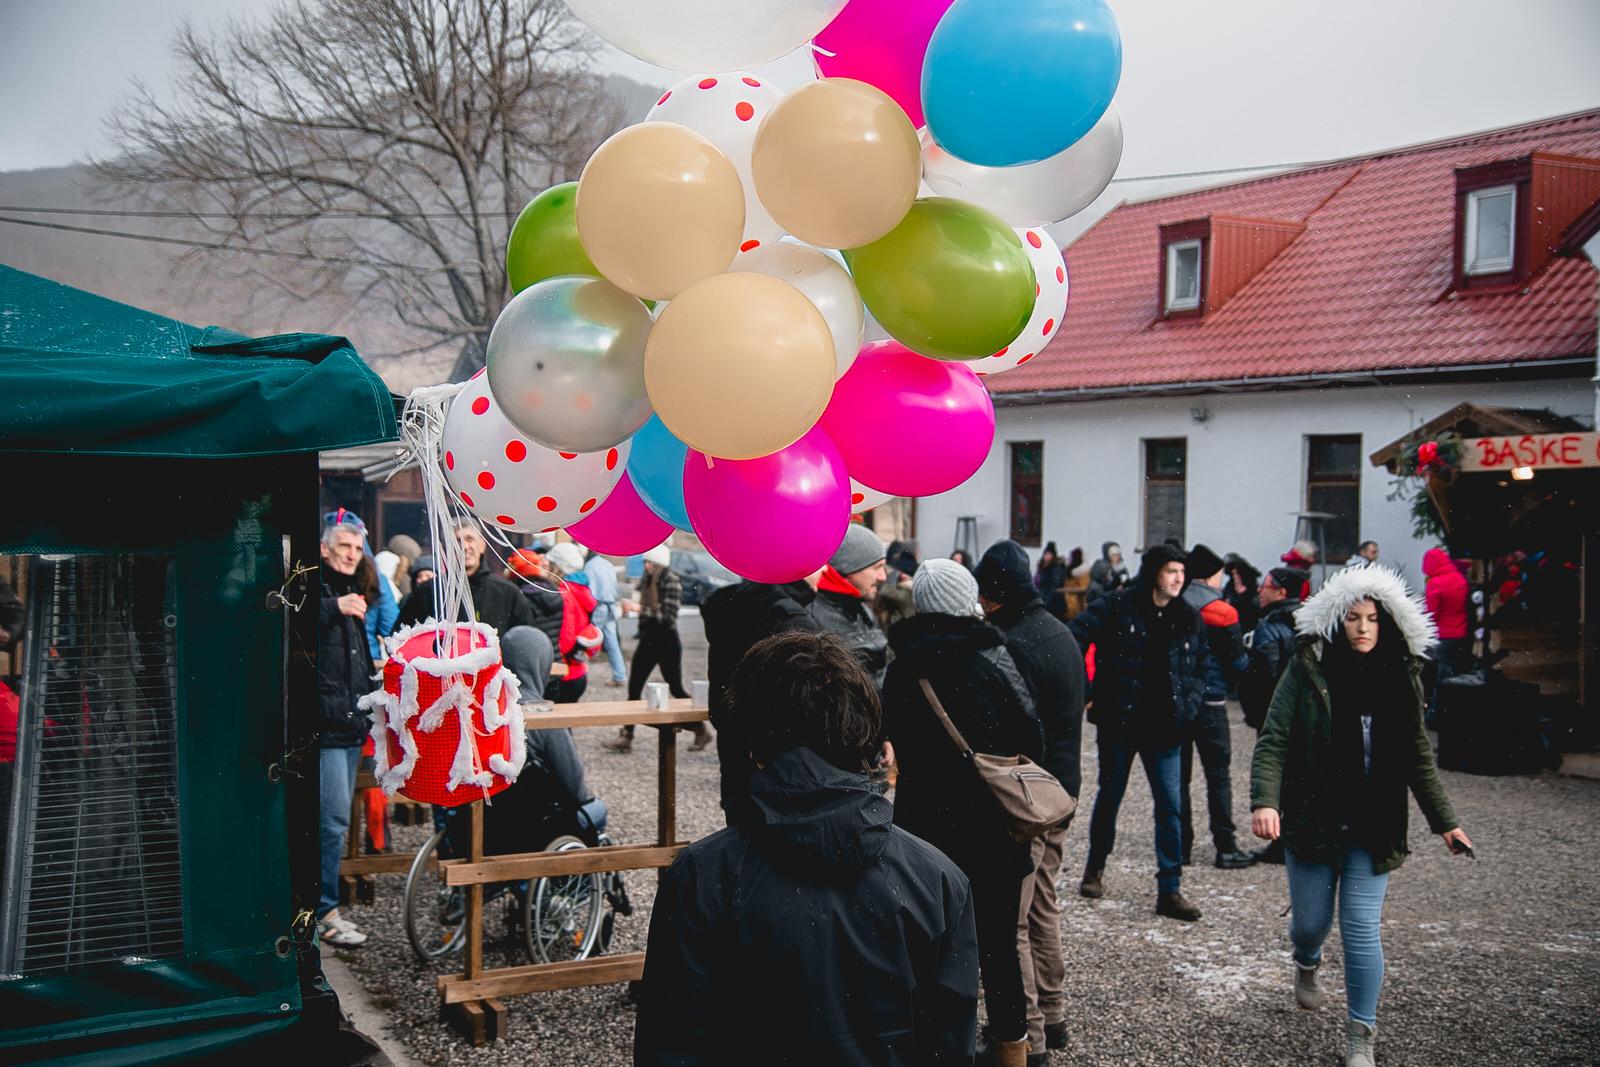 likaclub_baške-oštarije_doček-nove-godine-u-podne_2018-5